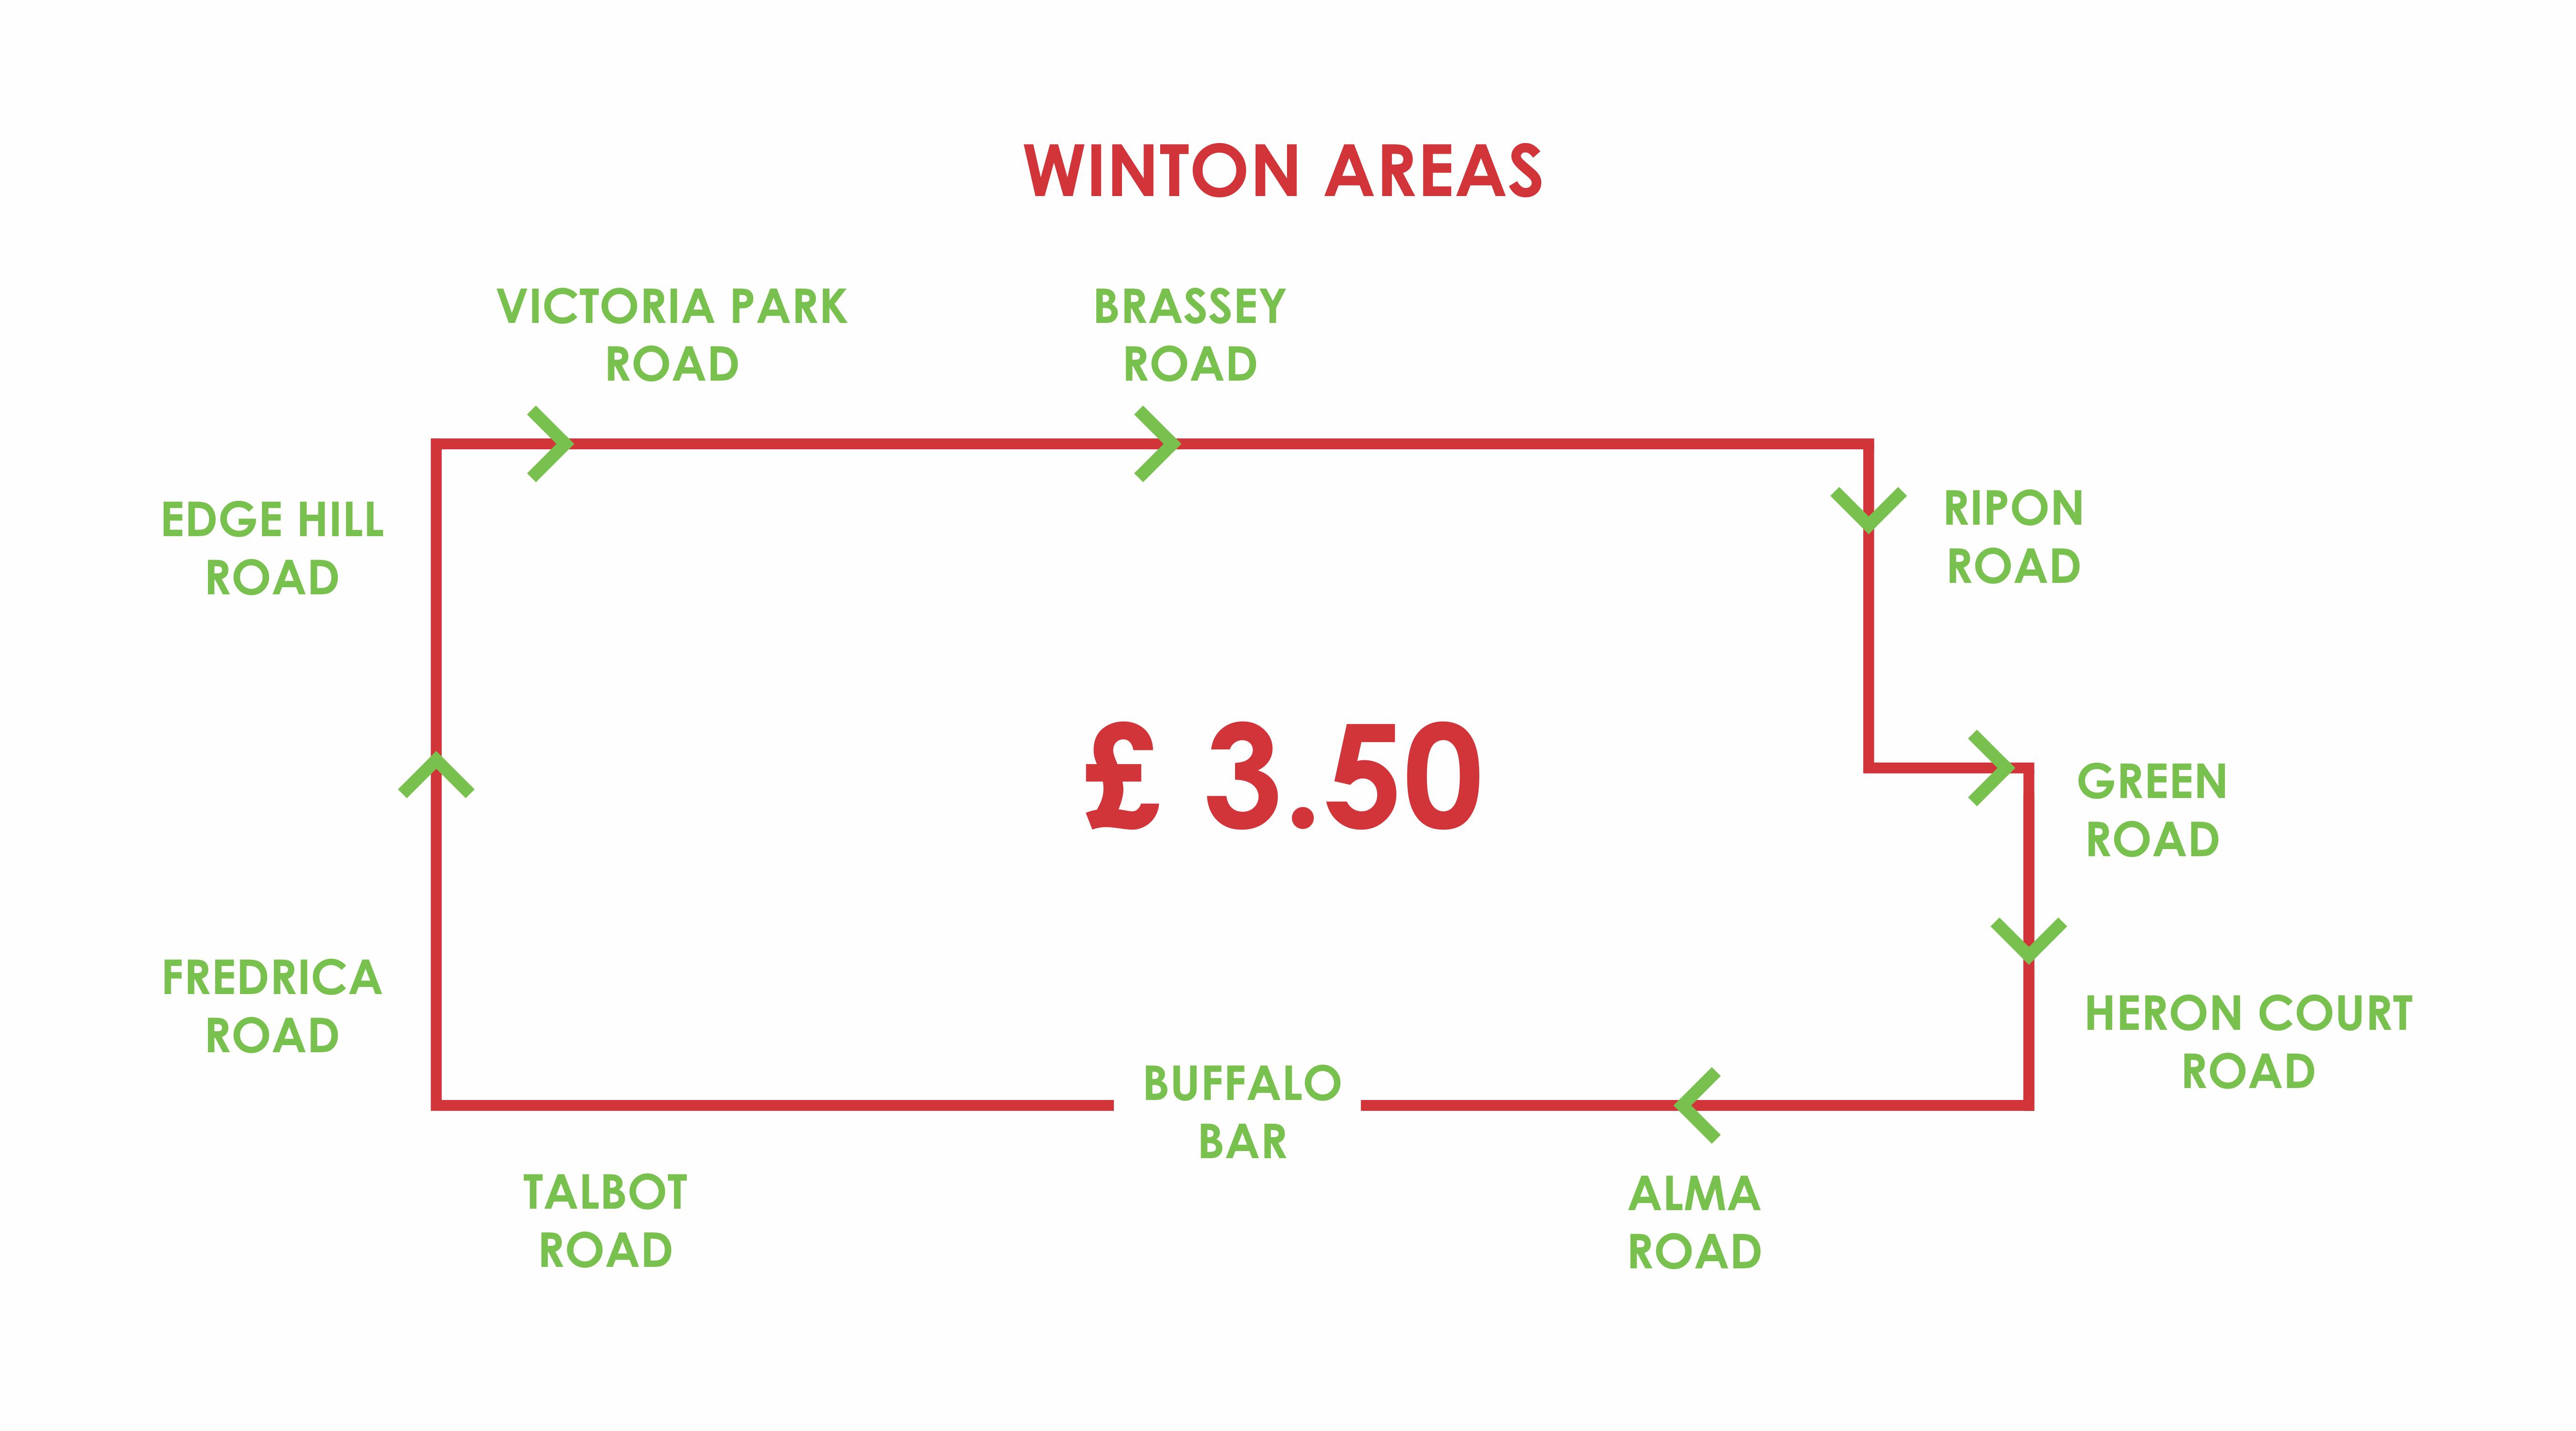 WINTON-AREAS